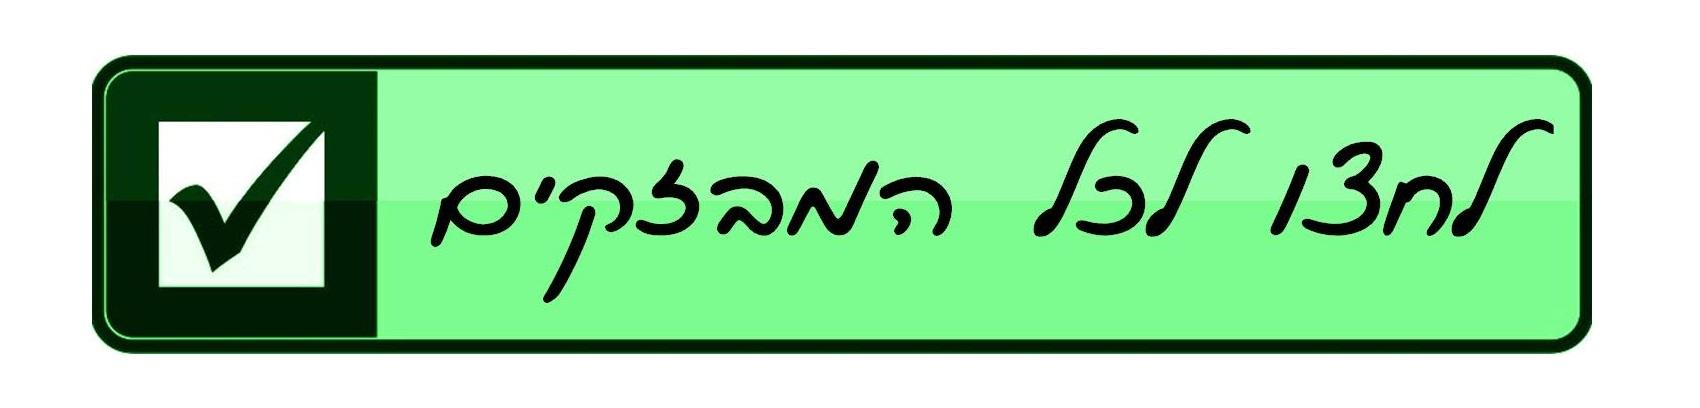 בחירות לכל_המבזקים רמת גן